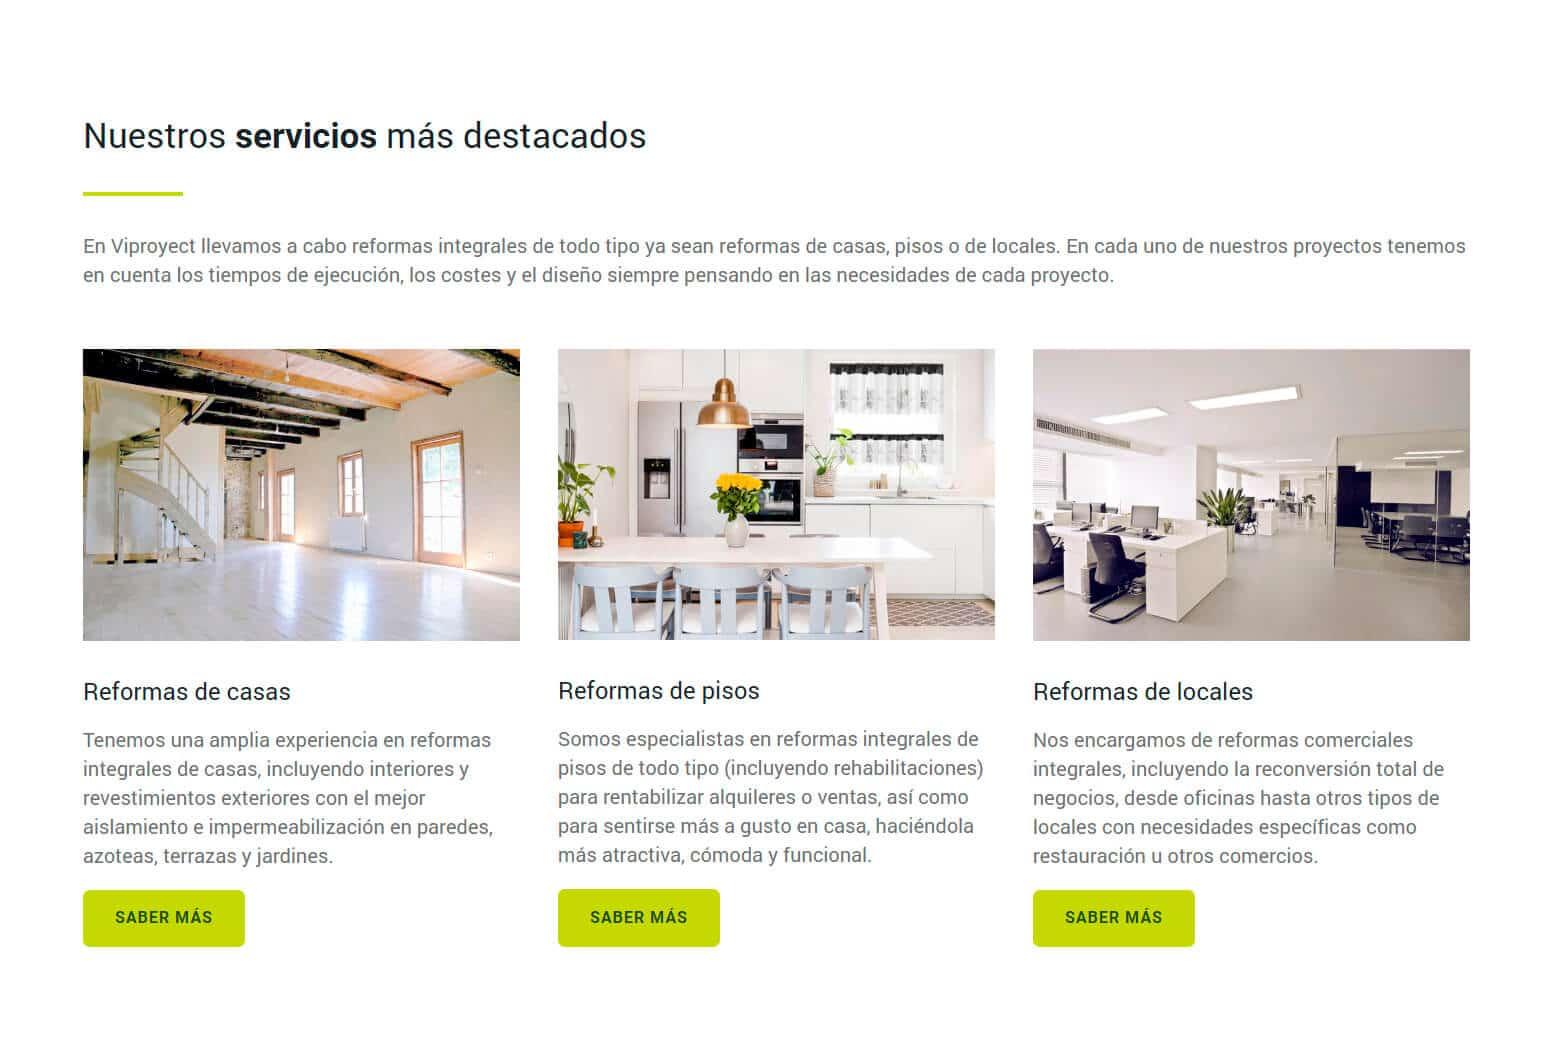 Coherencia en imágenes para web